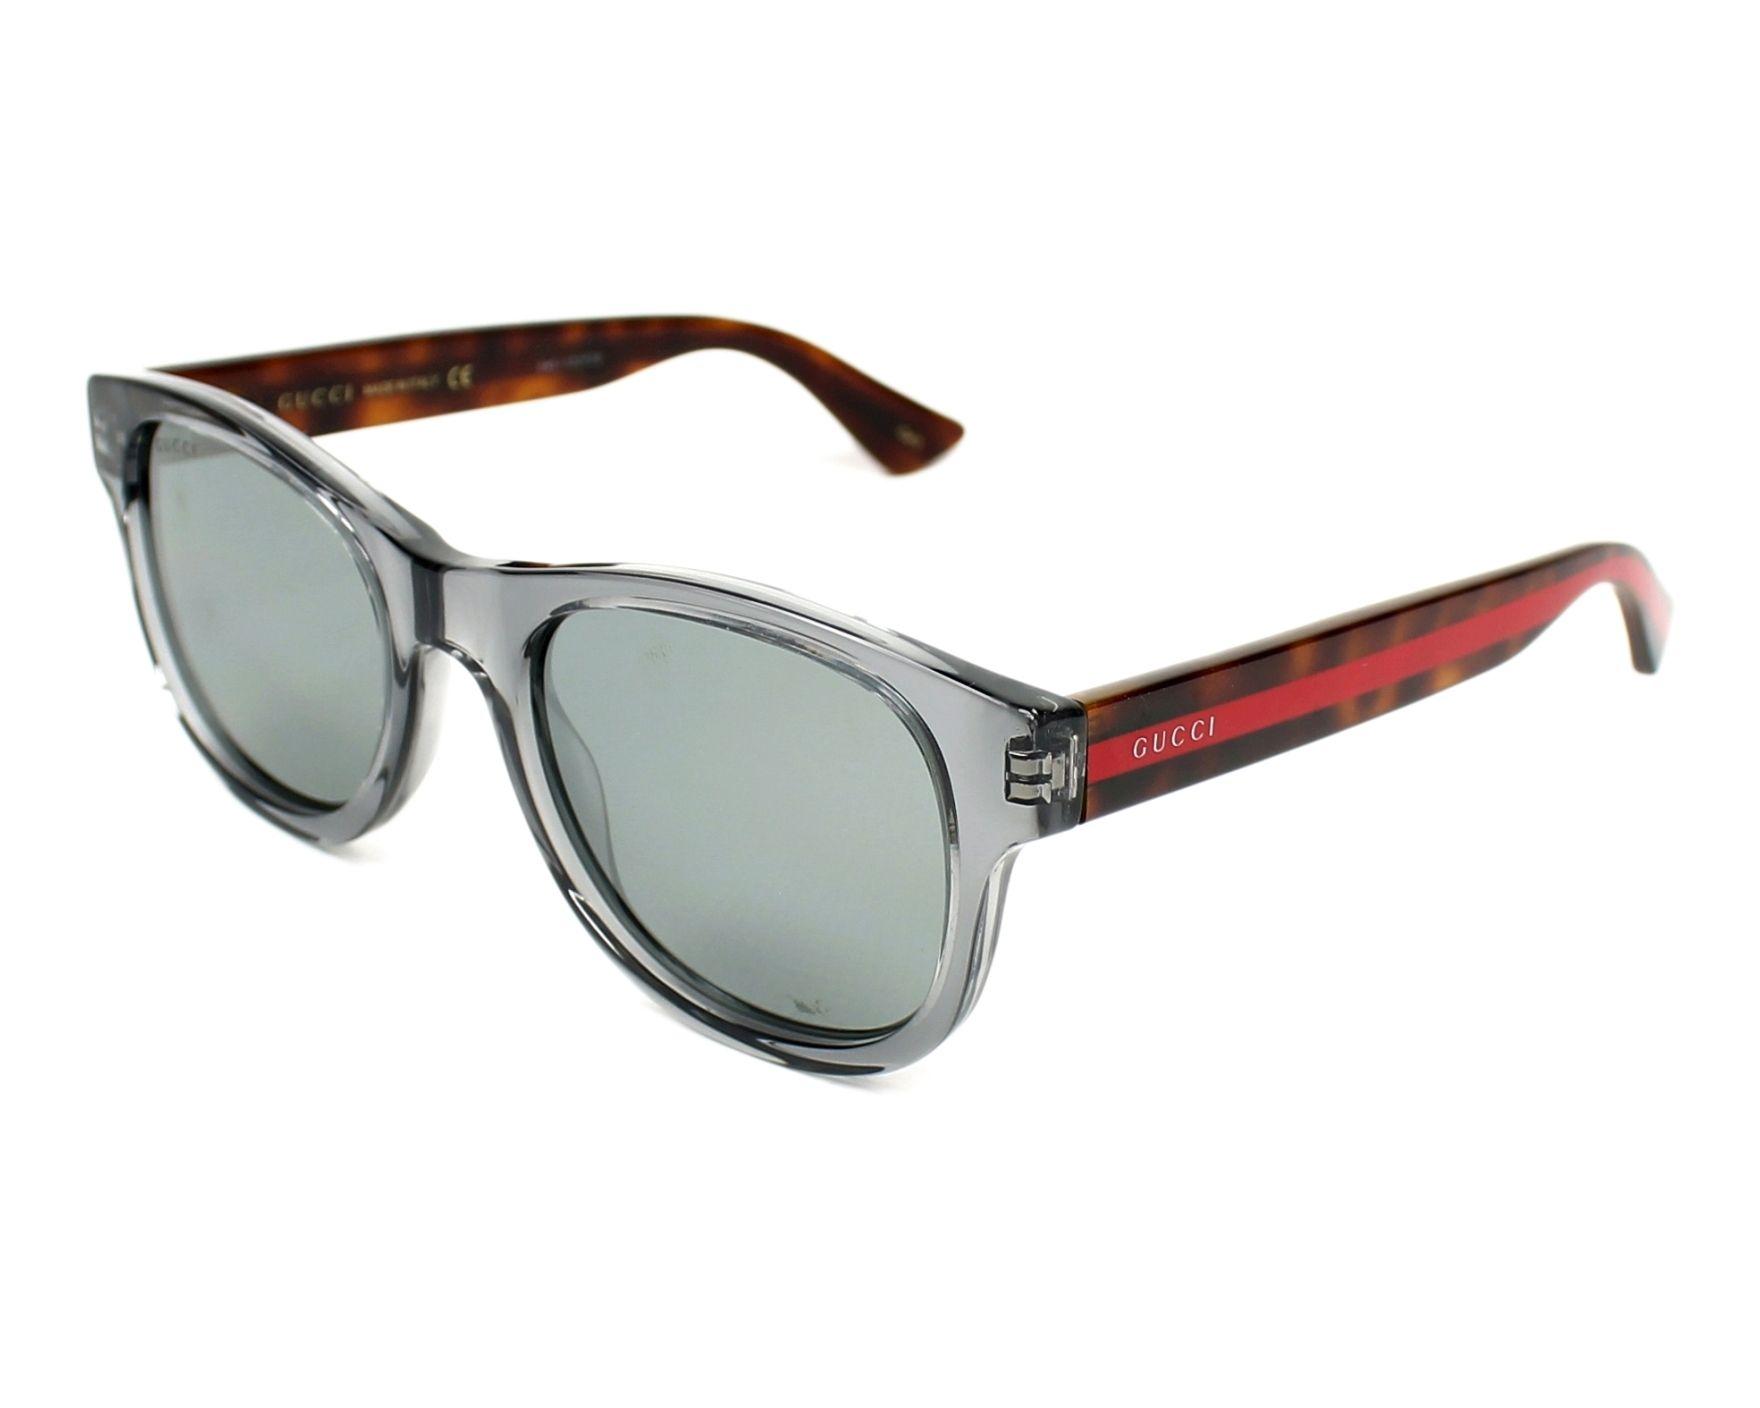 7a77cff689 Gafas de sol Gucci GG-0003-S 005 52-21 Gris Havana vista